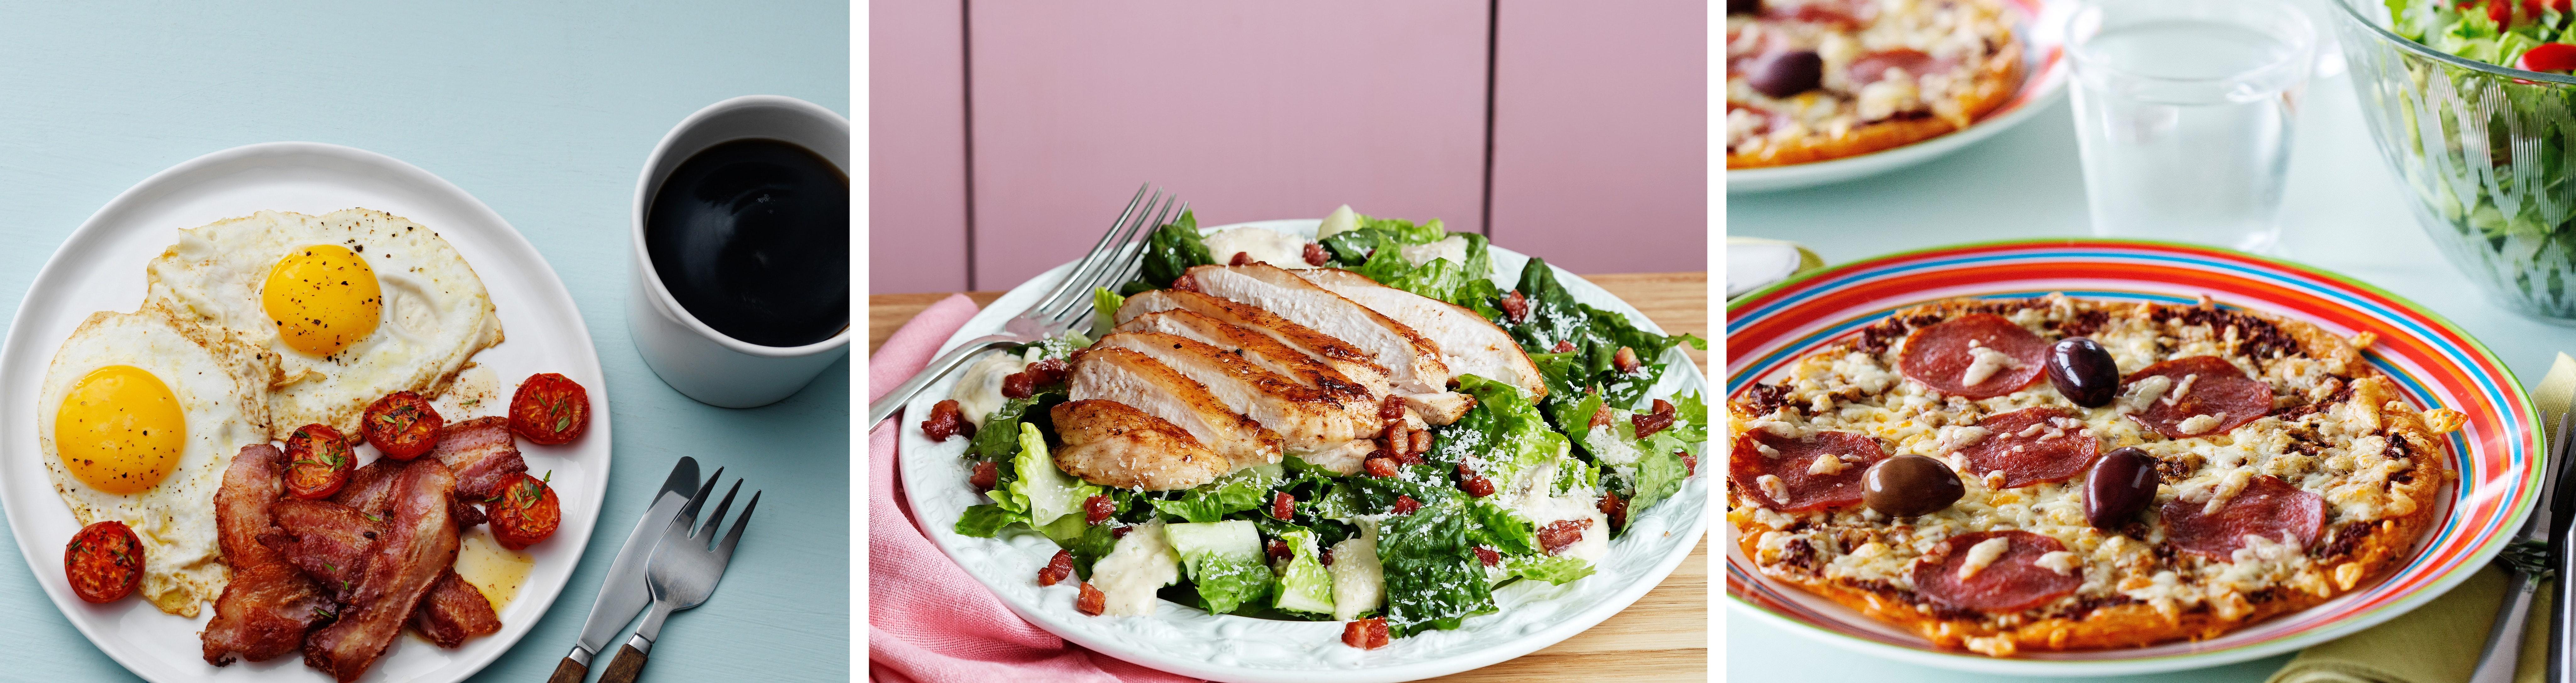 Regimen cetogenico dieta 30 dias